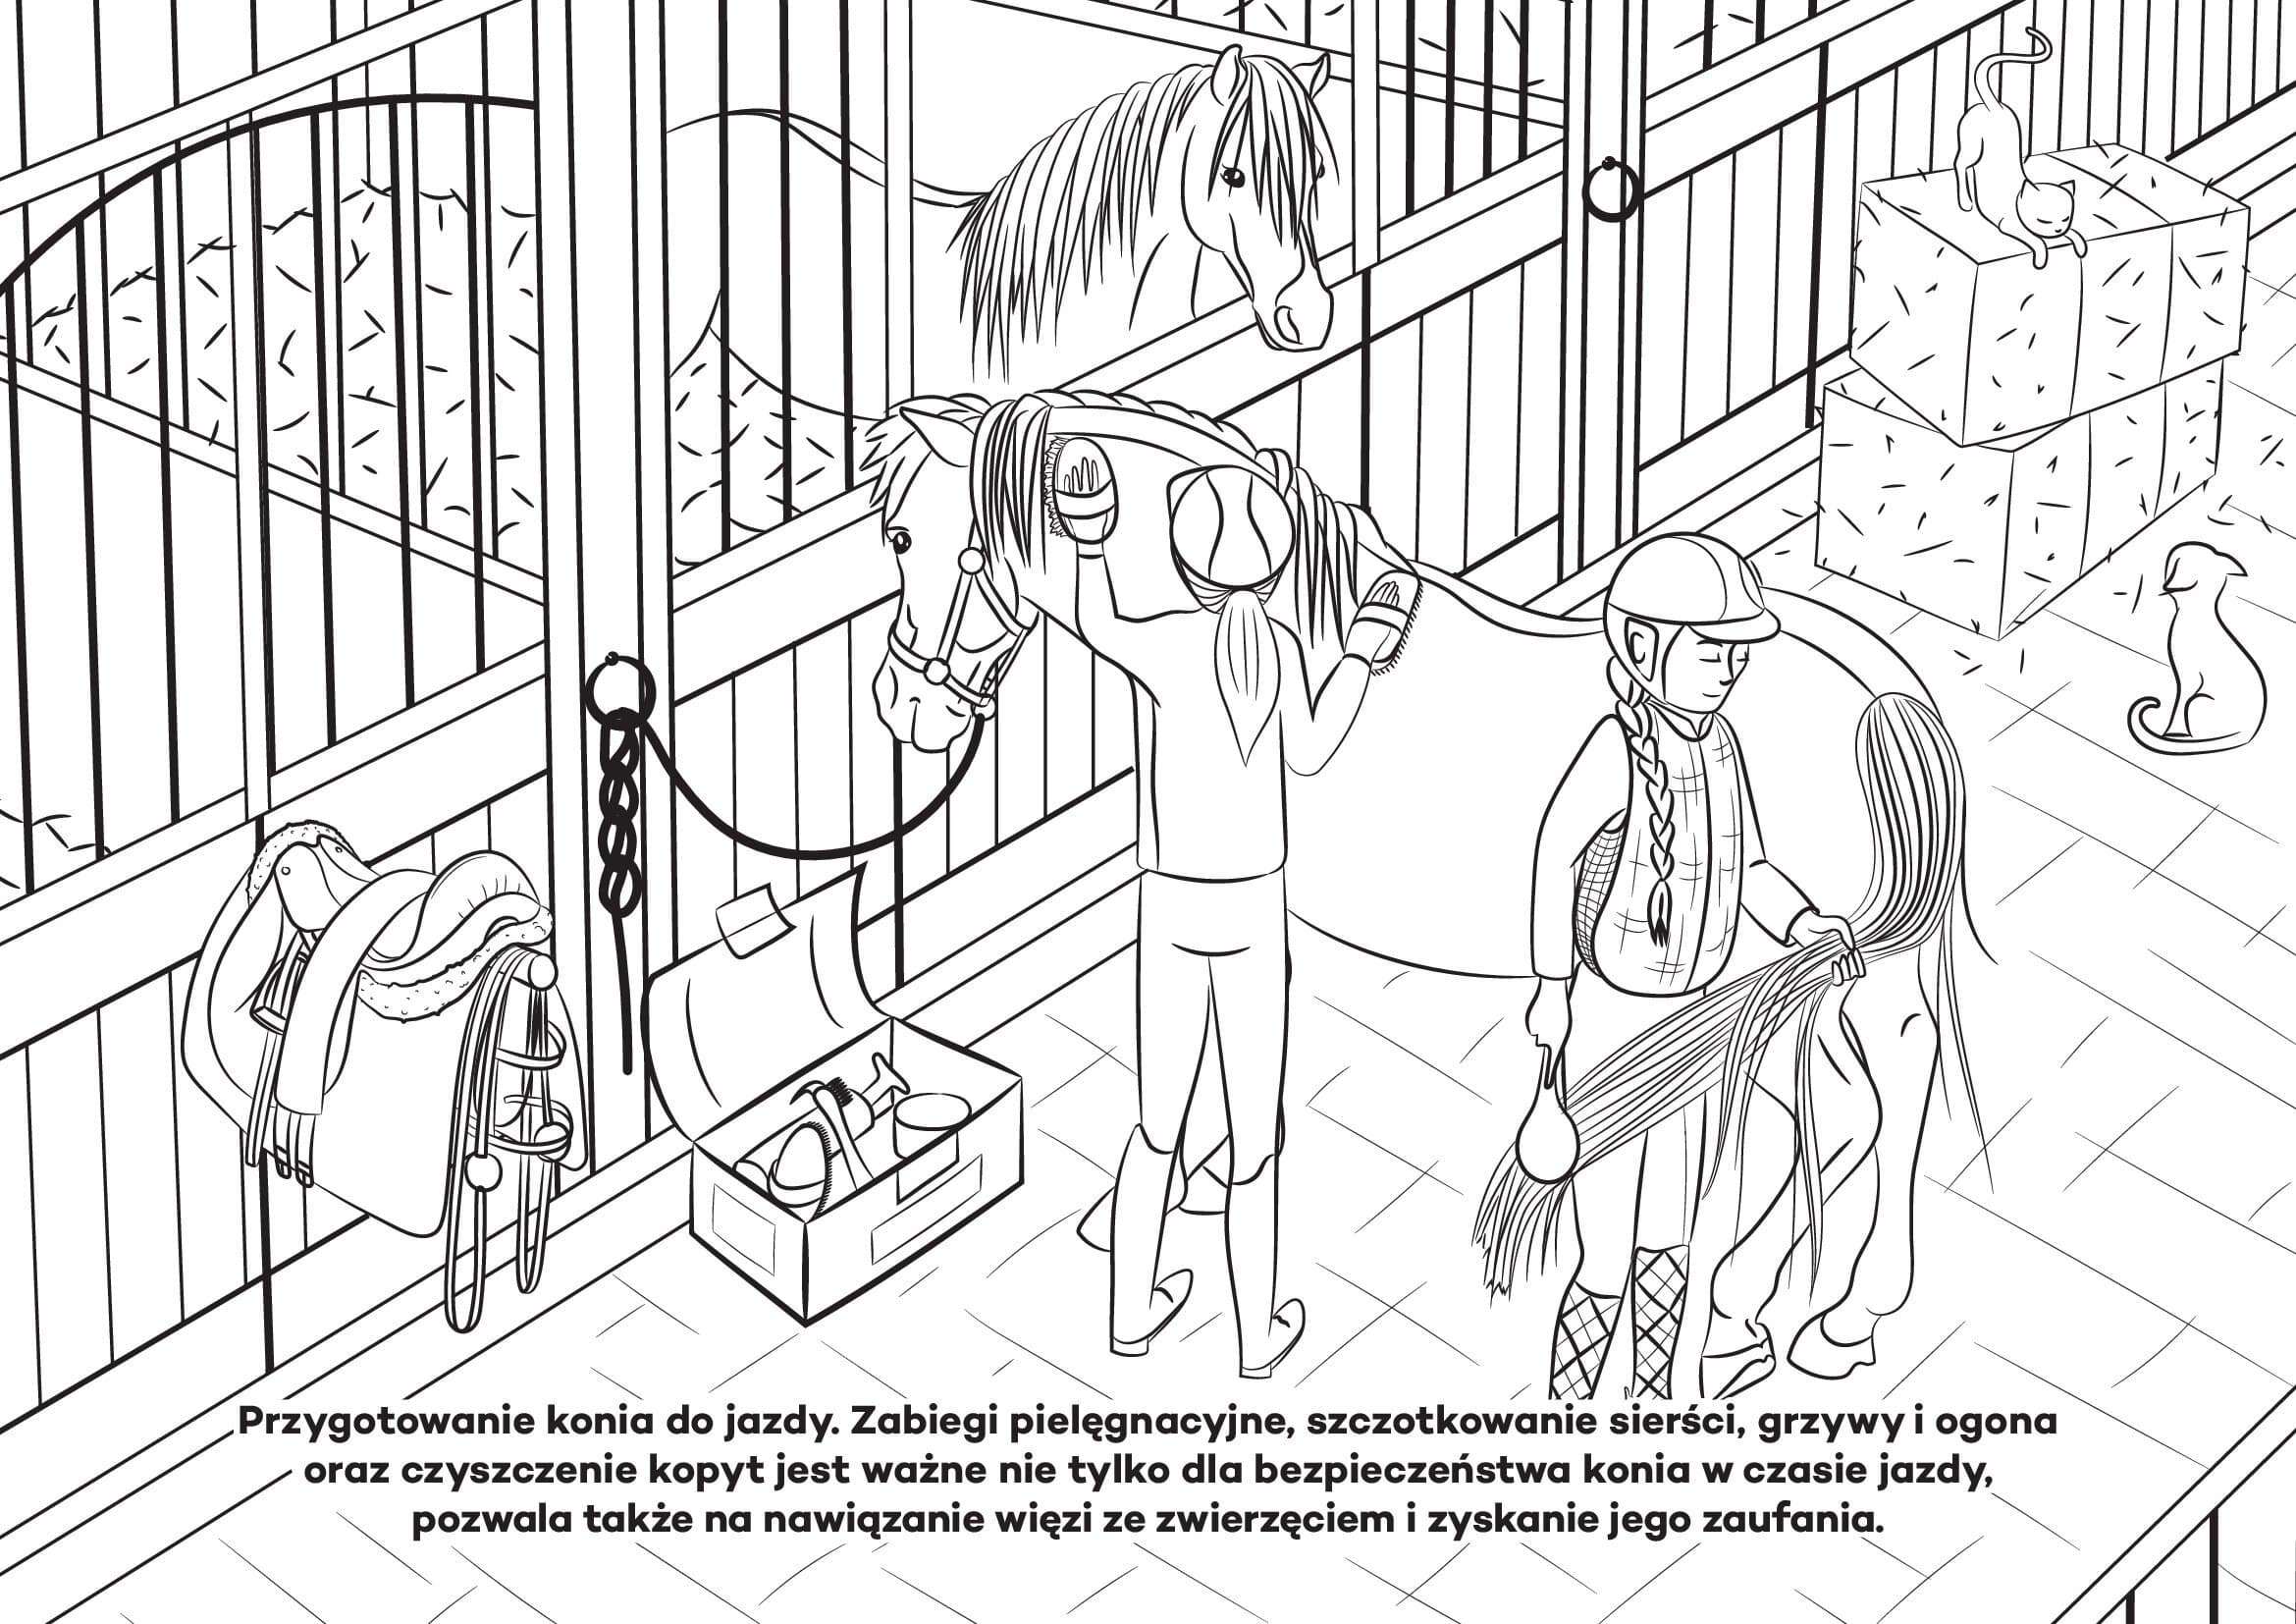 Koń w stajni, kolorowanka dla dzieci. Darmowe kolorowanki online do druku z końmi